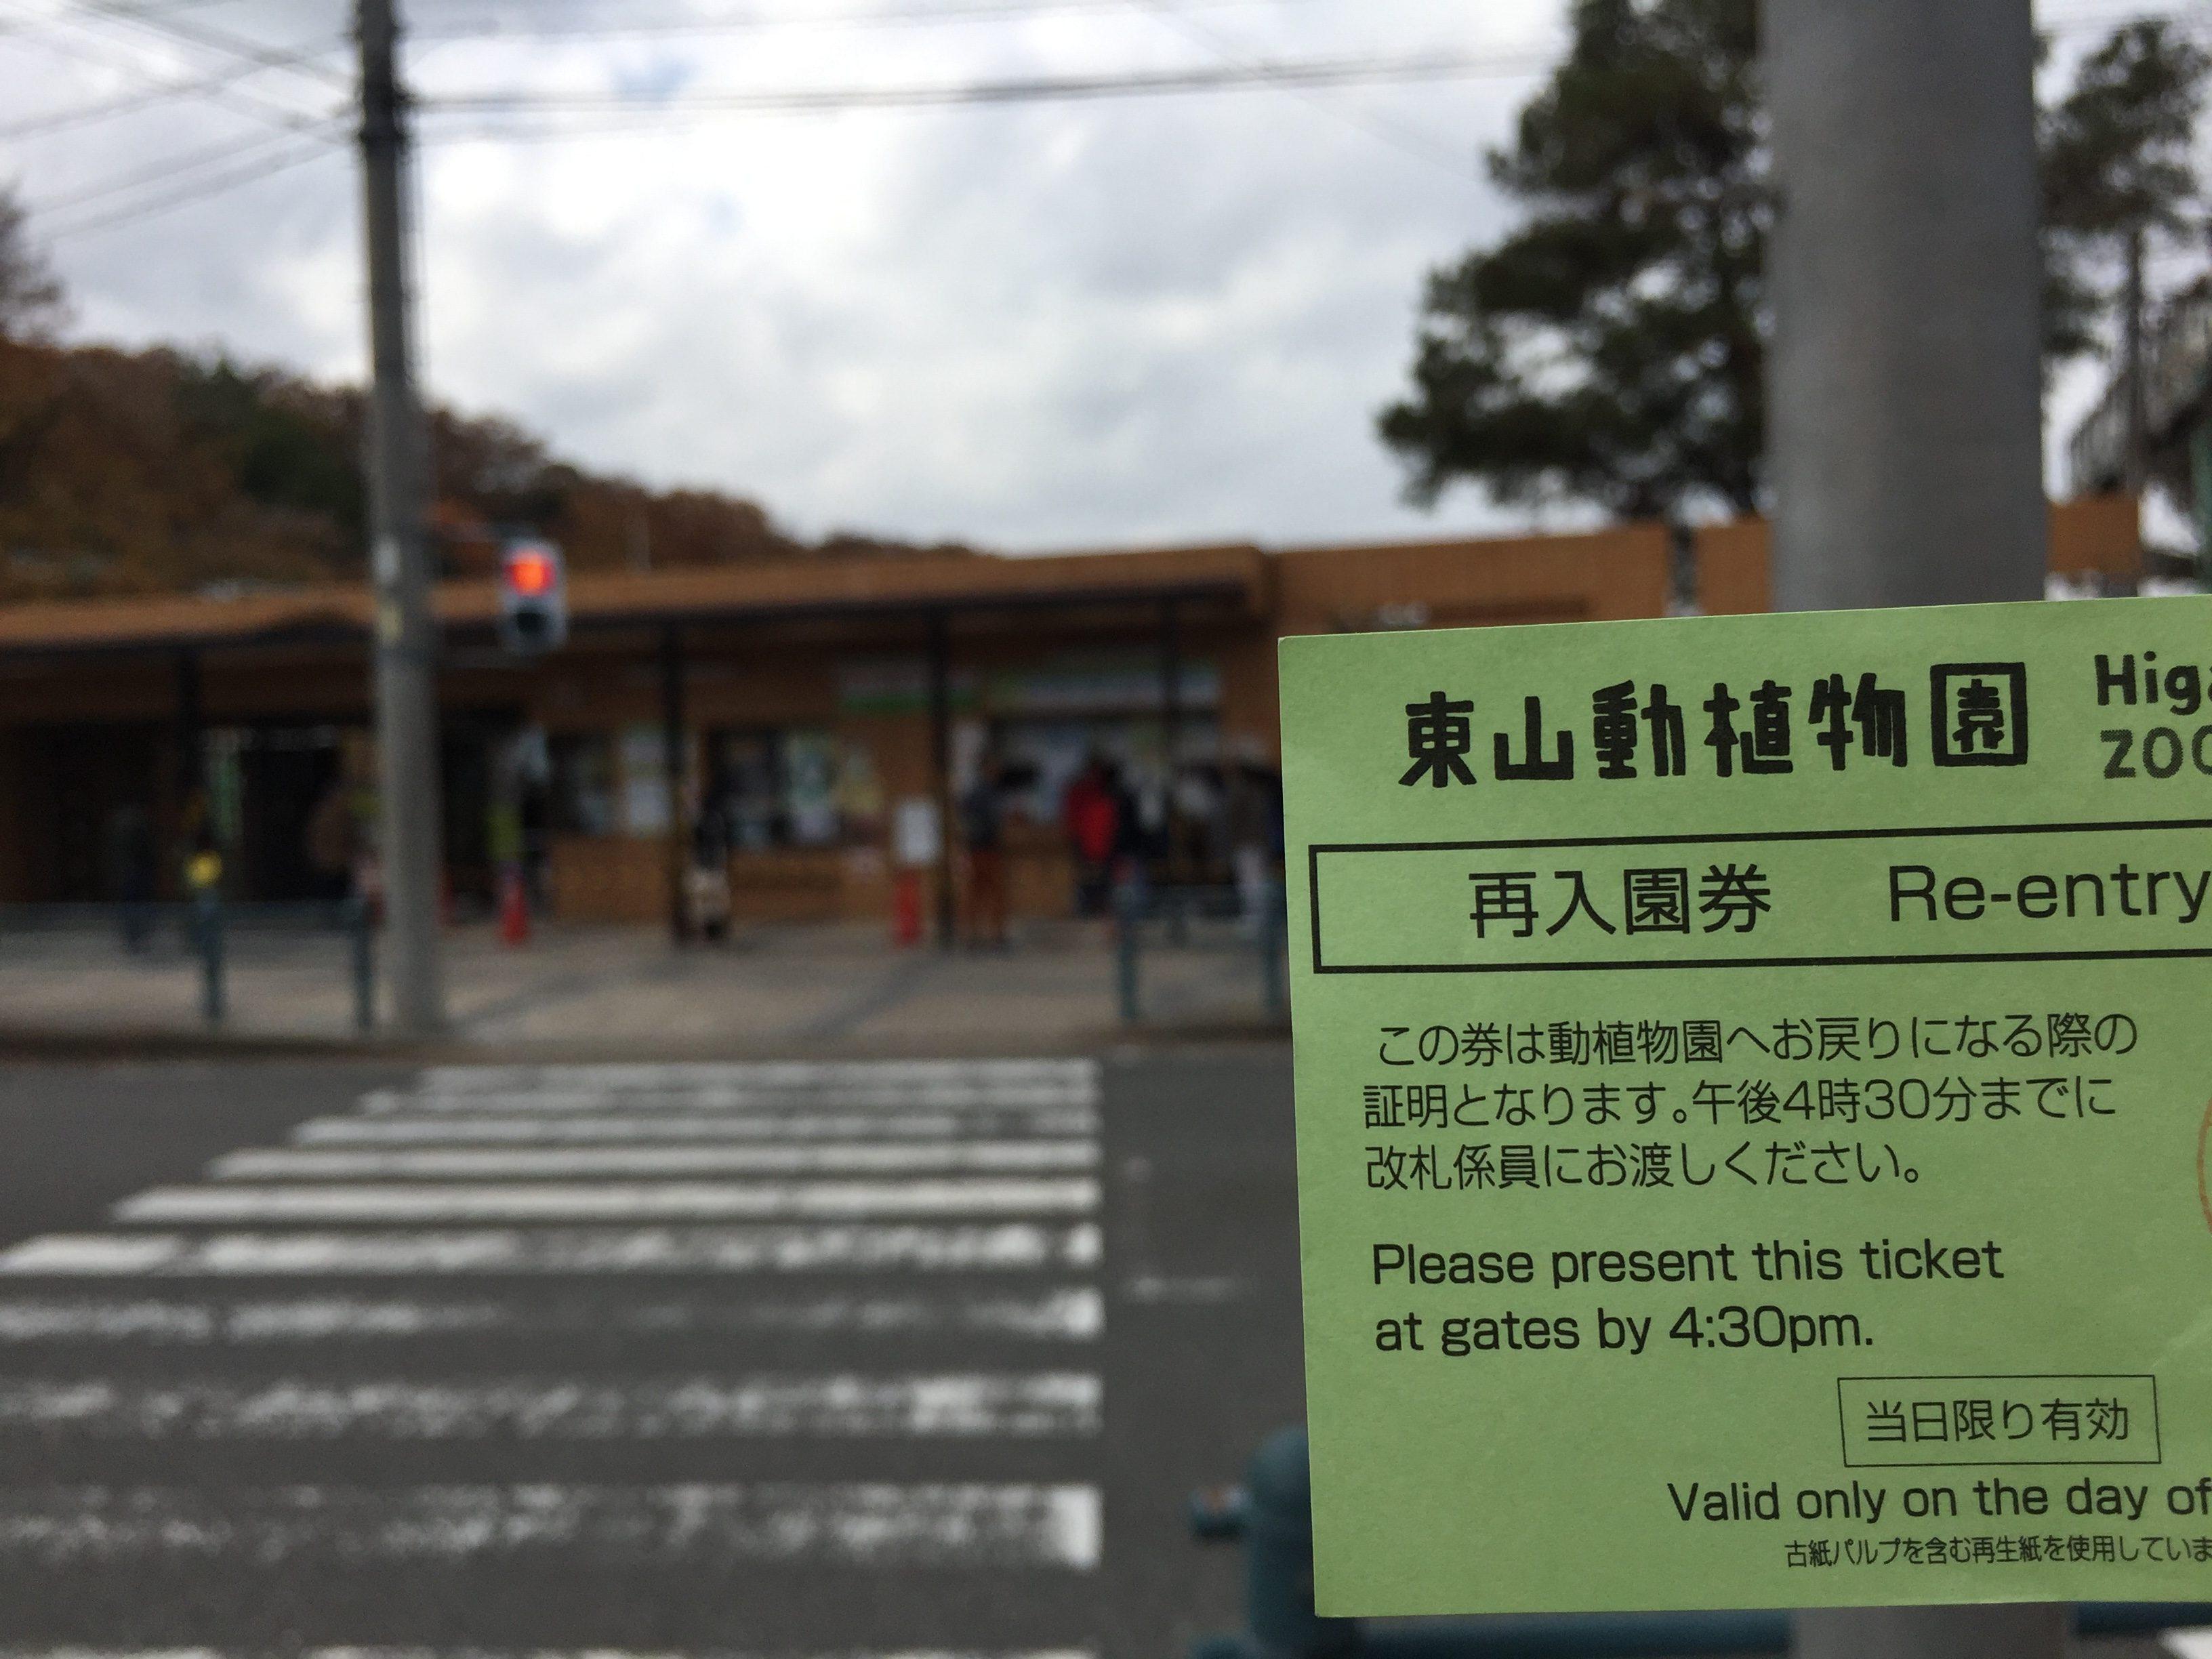 higashiyamazoo-kouyou